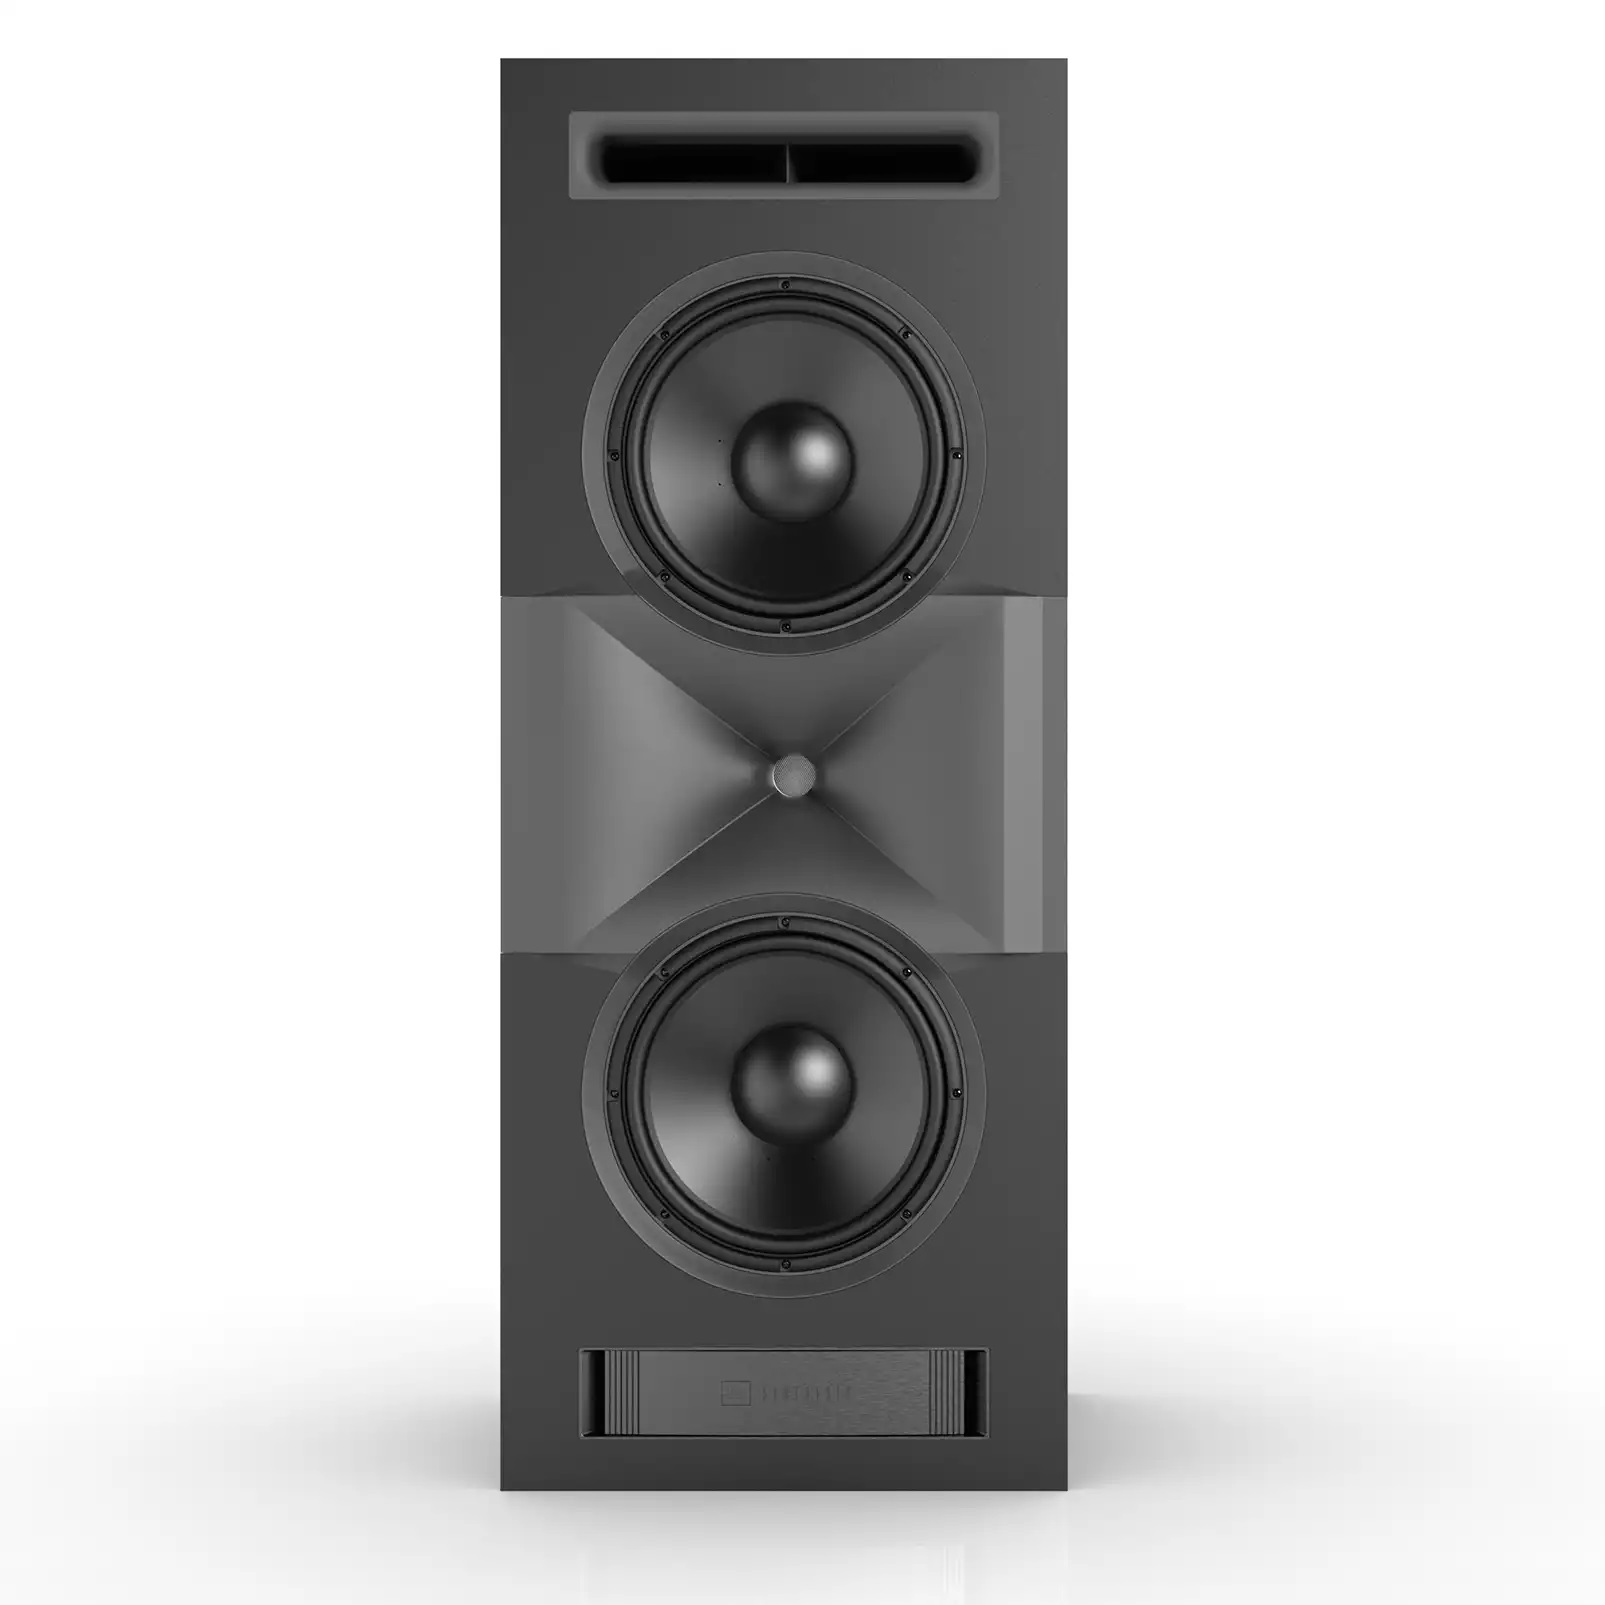 SCL-1大型家庭影院扬声器